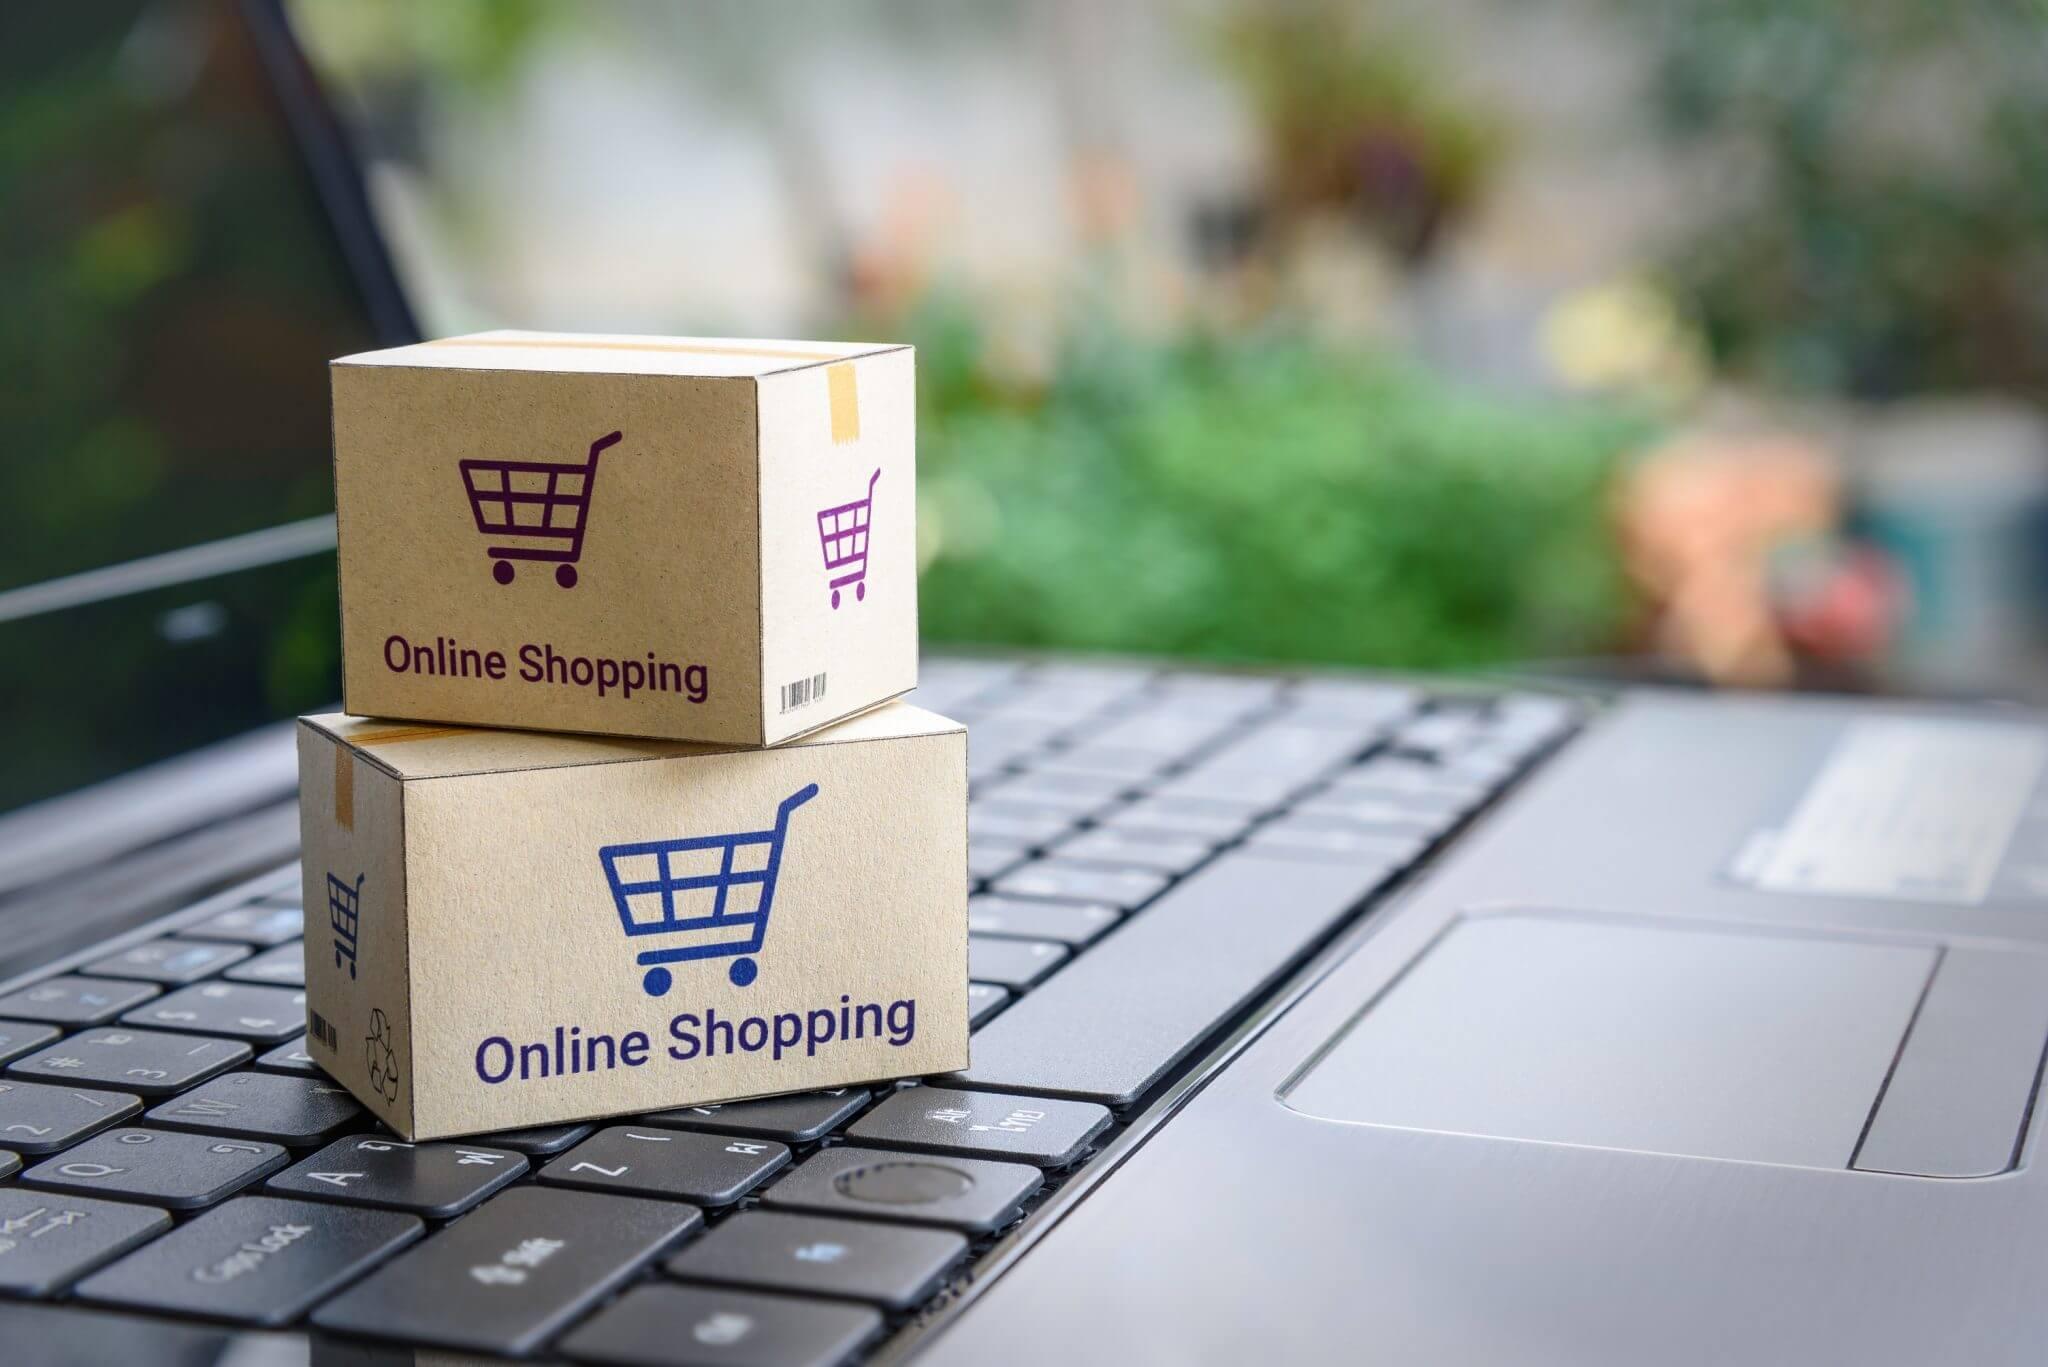 E-ticarette en çok satılan ürünler: Salgın dönemi Nisan yansımaları